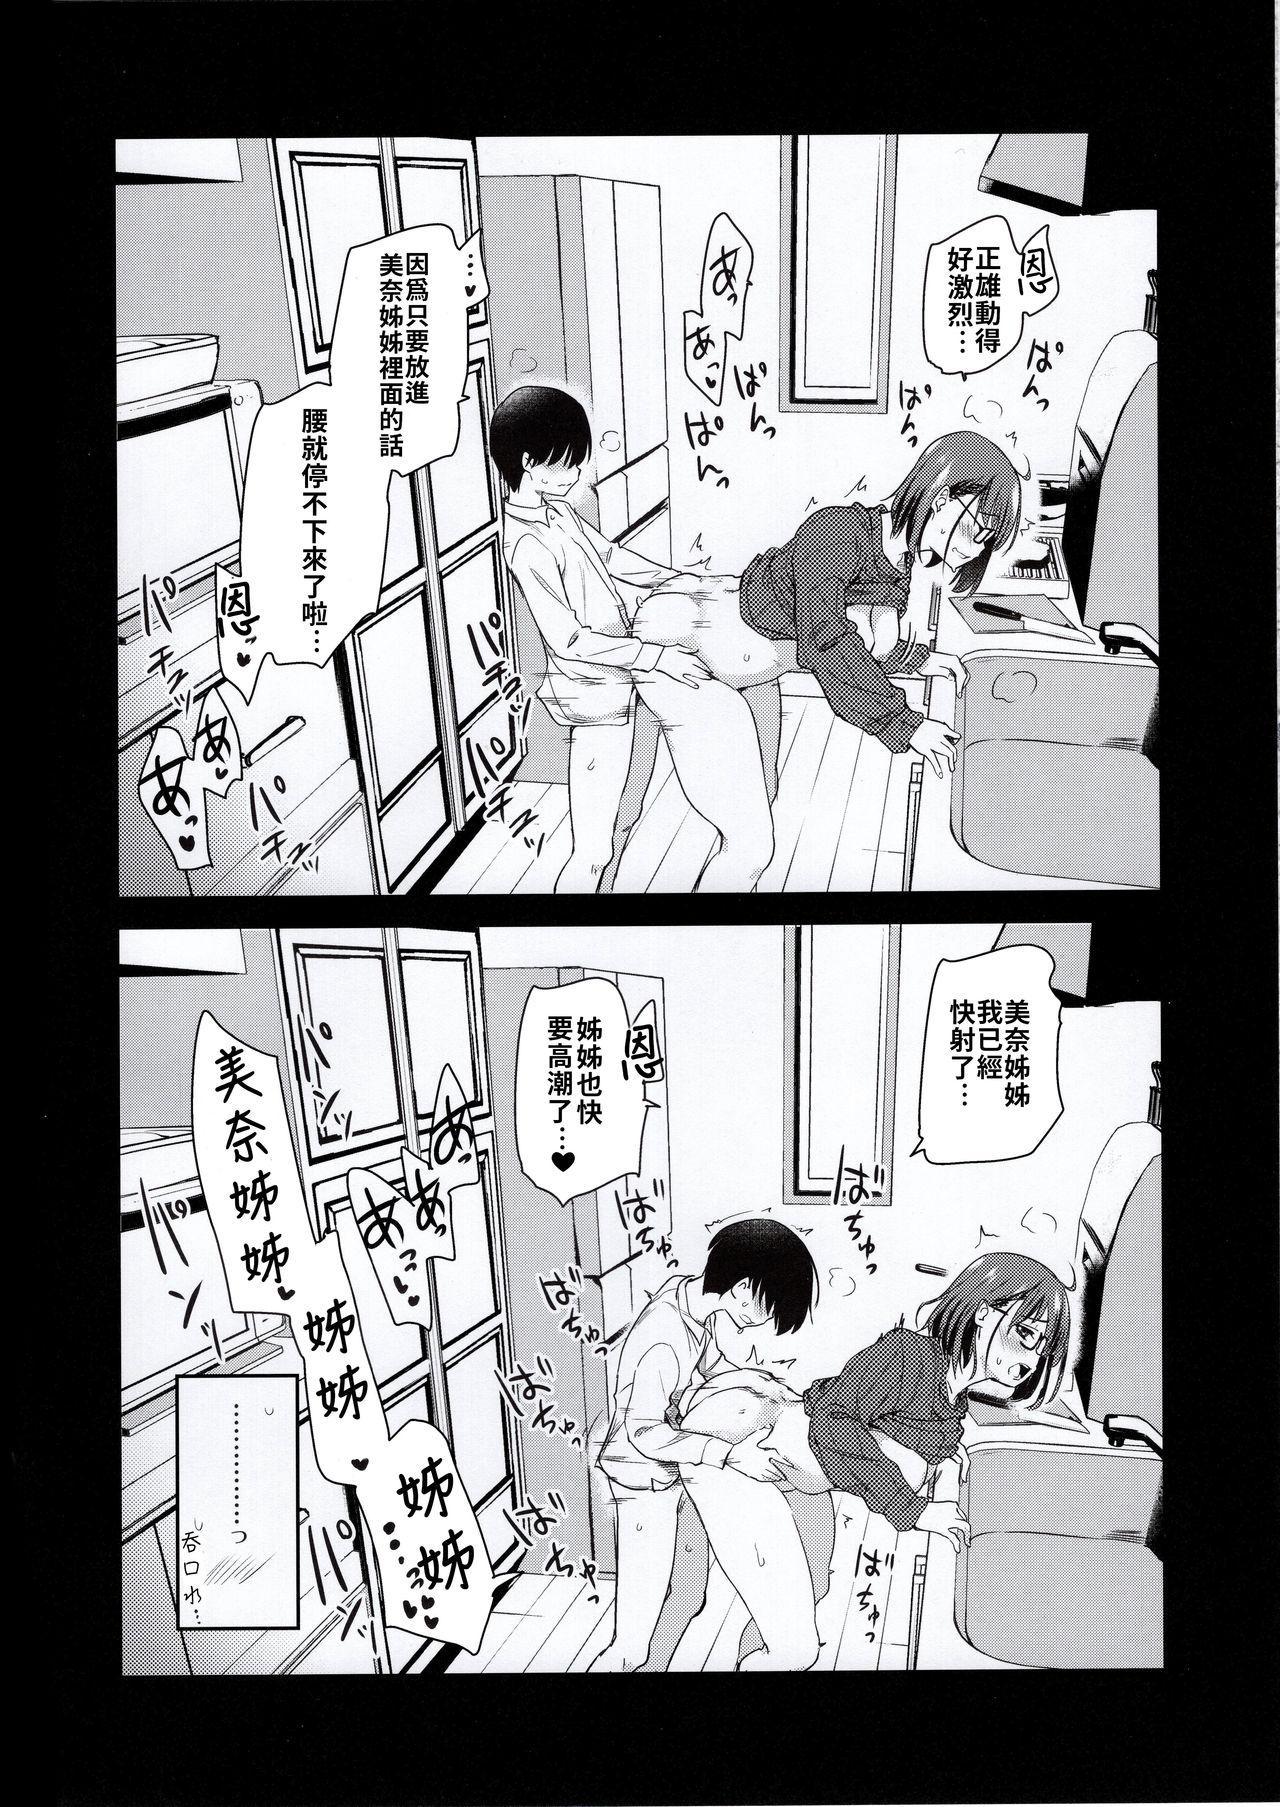 Pet Mimamori Camera ni Ane to Otouto no Sex ga Utsutteta. | 寵物監控拍到了姊姊與弟弟做愛的畫面。 12